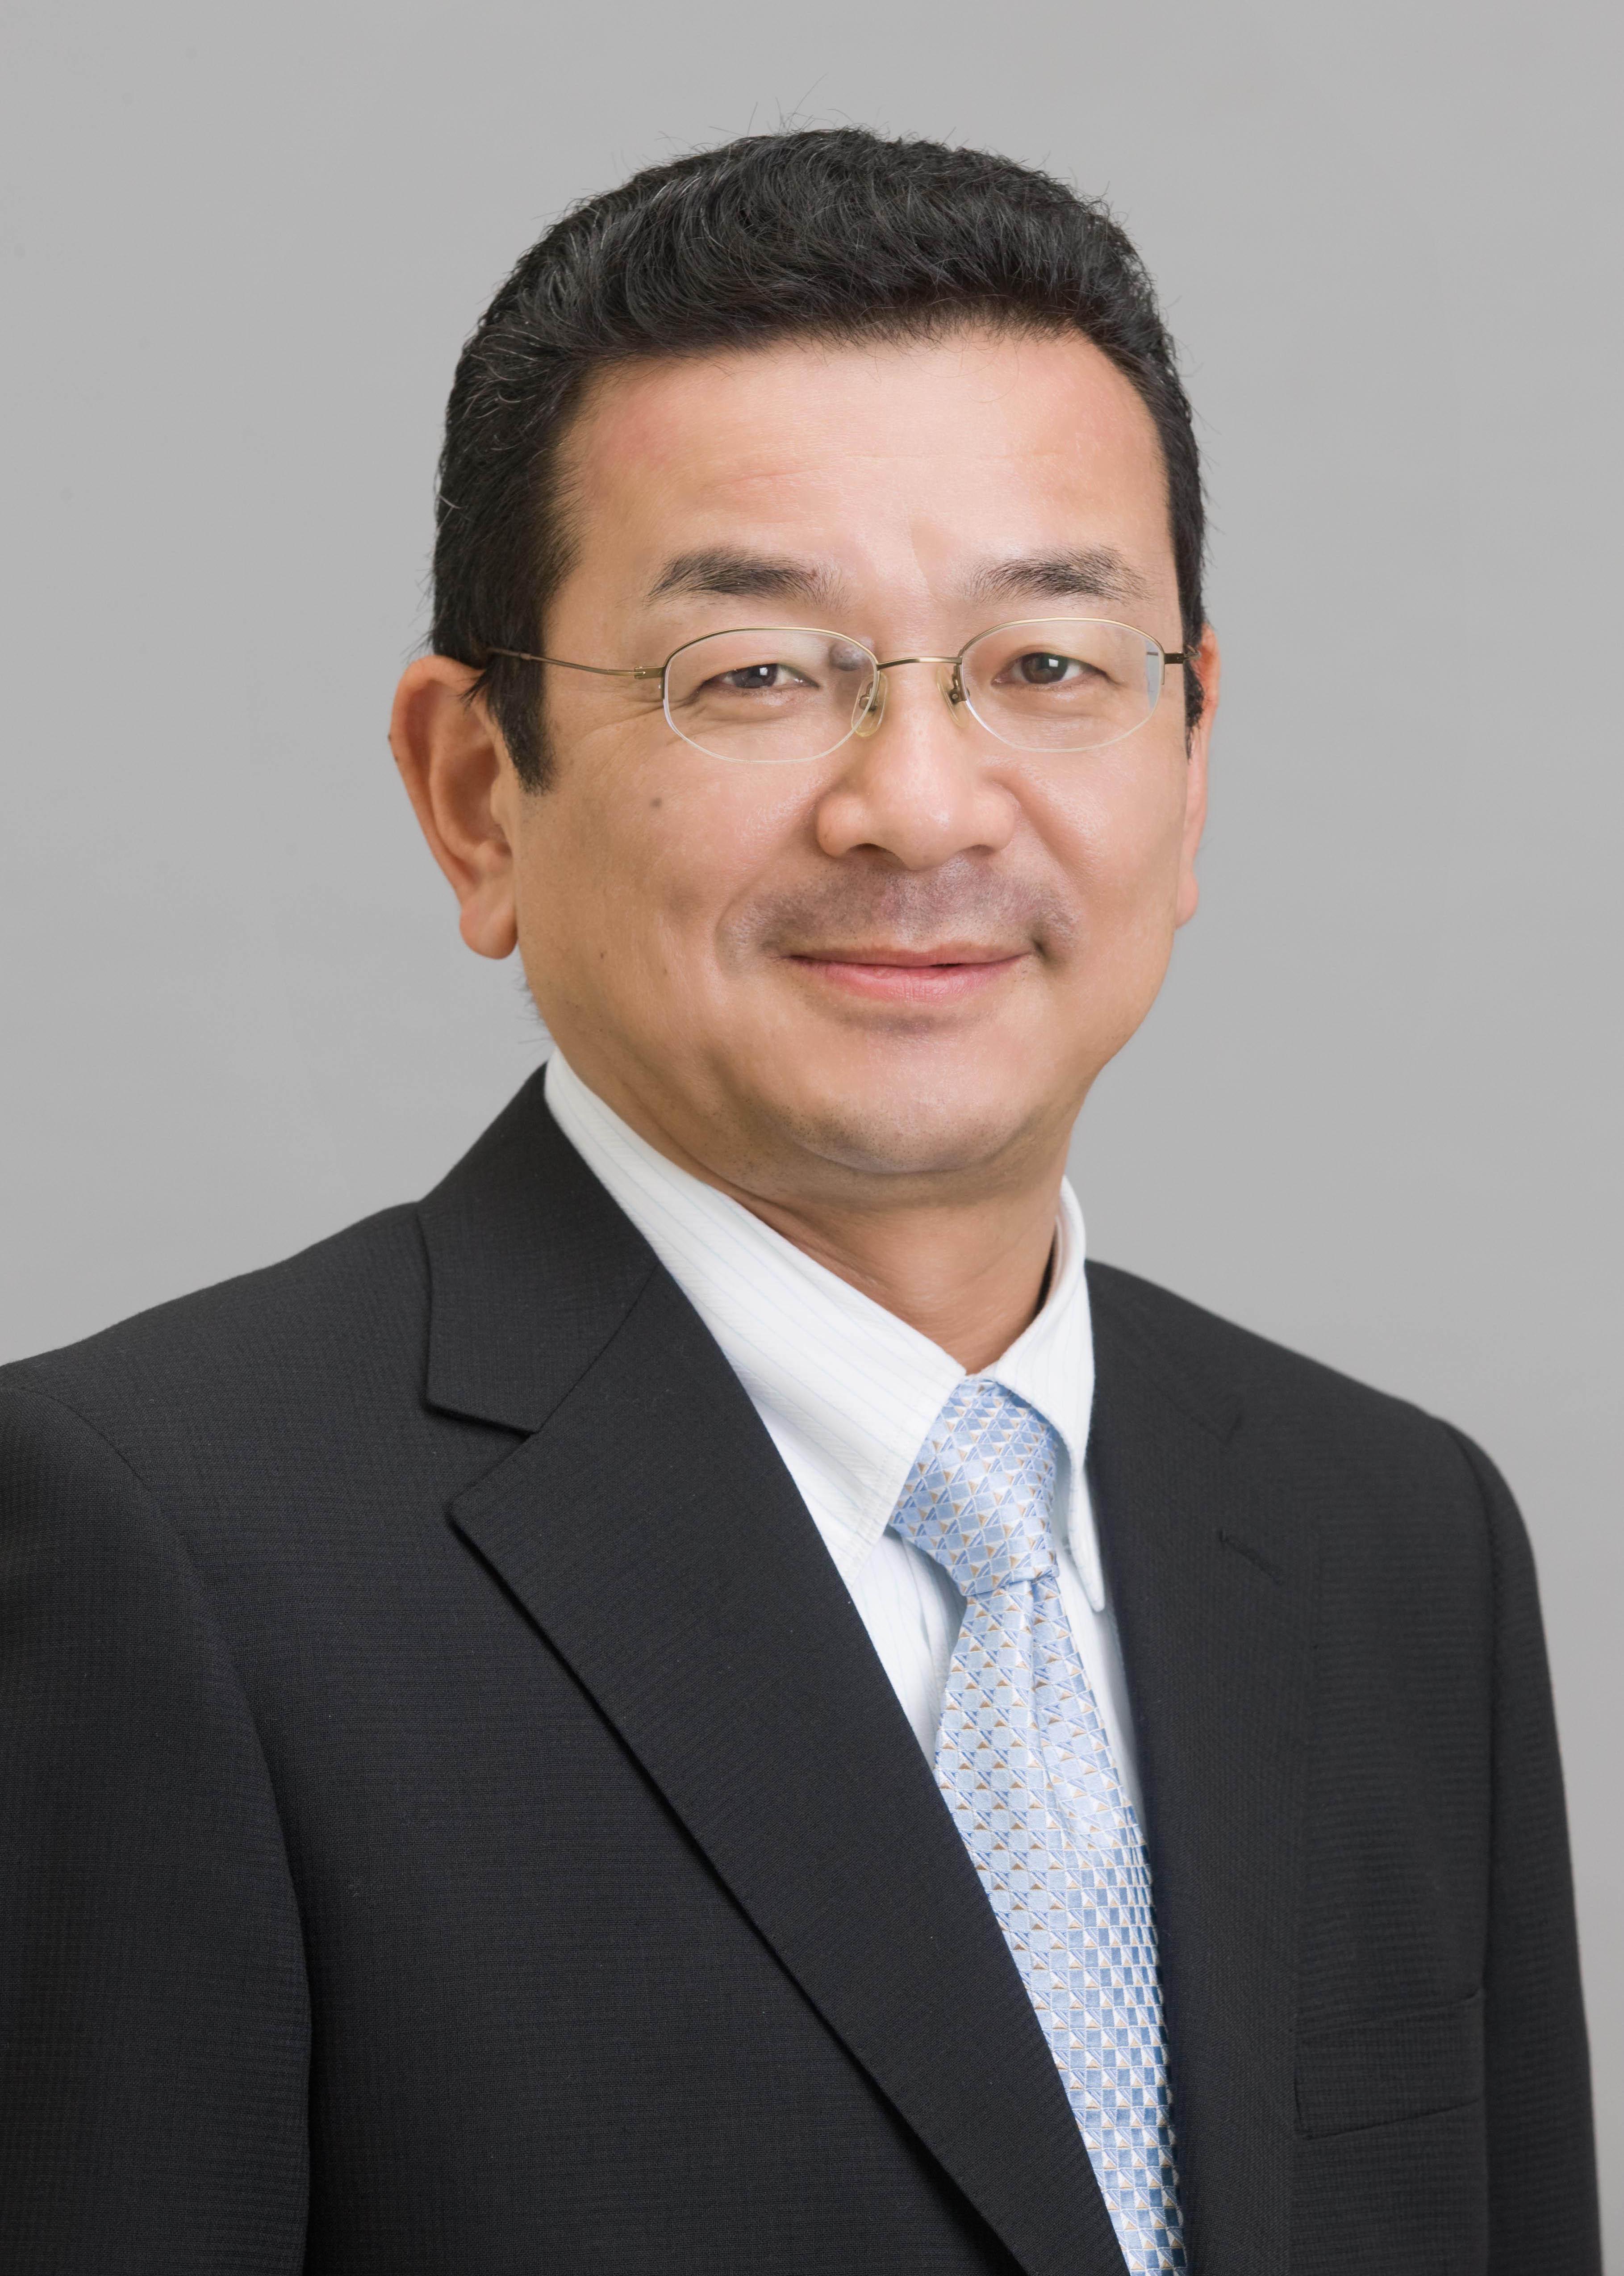 Honda names new president, CEO: Takahiro Hachigo